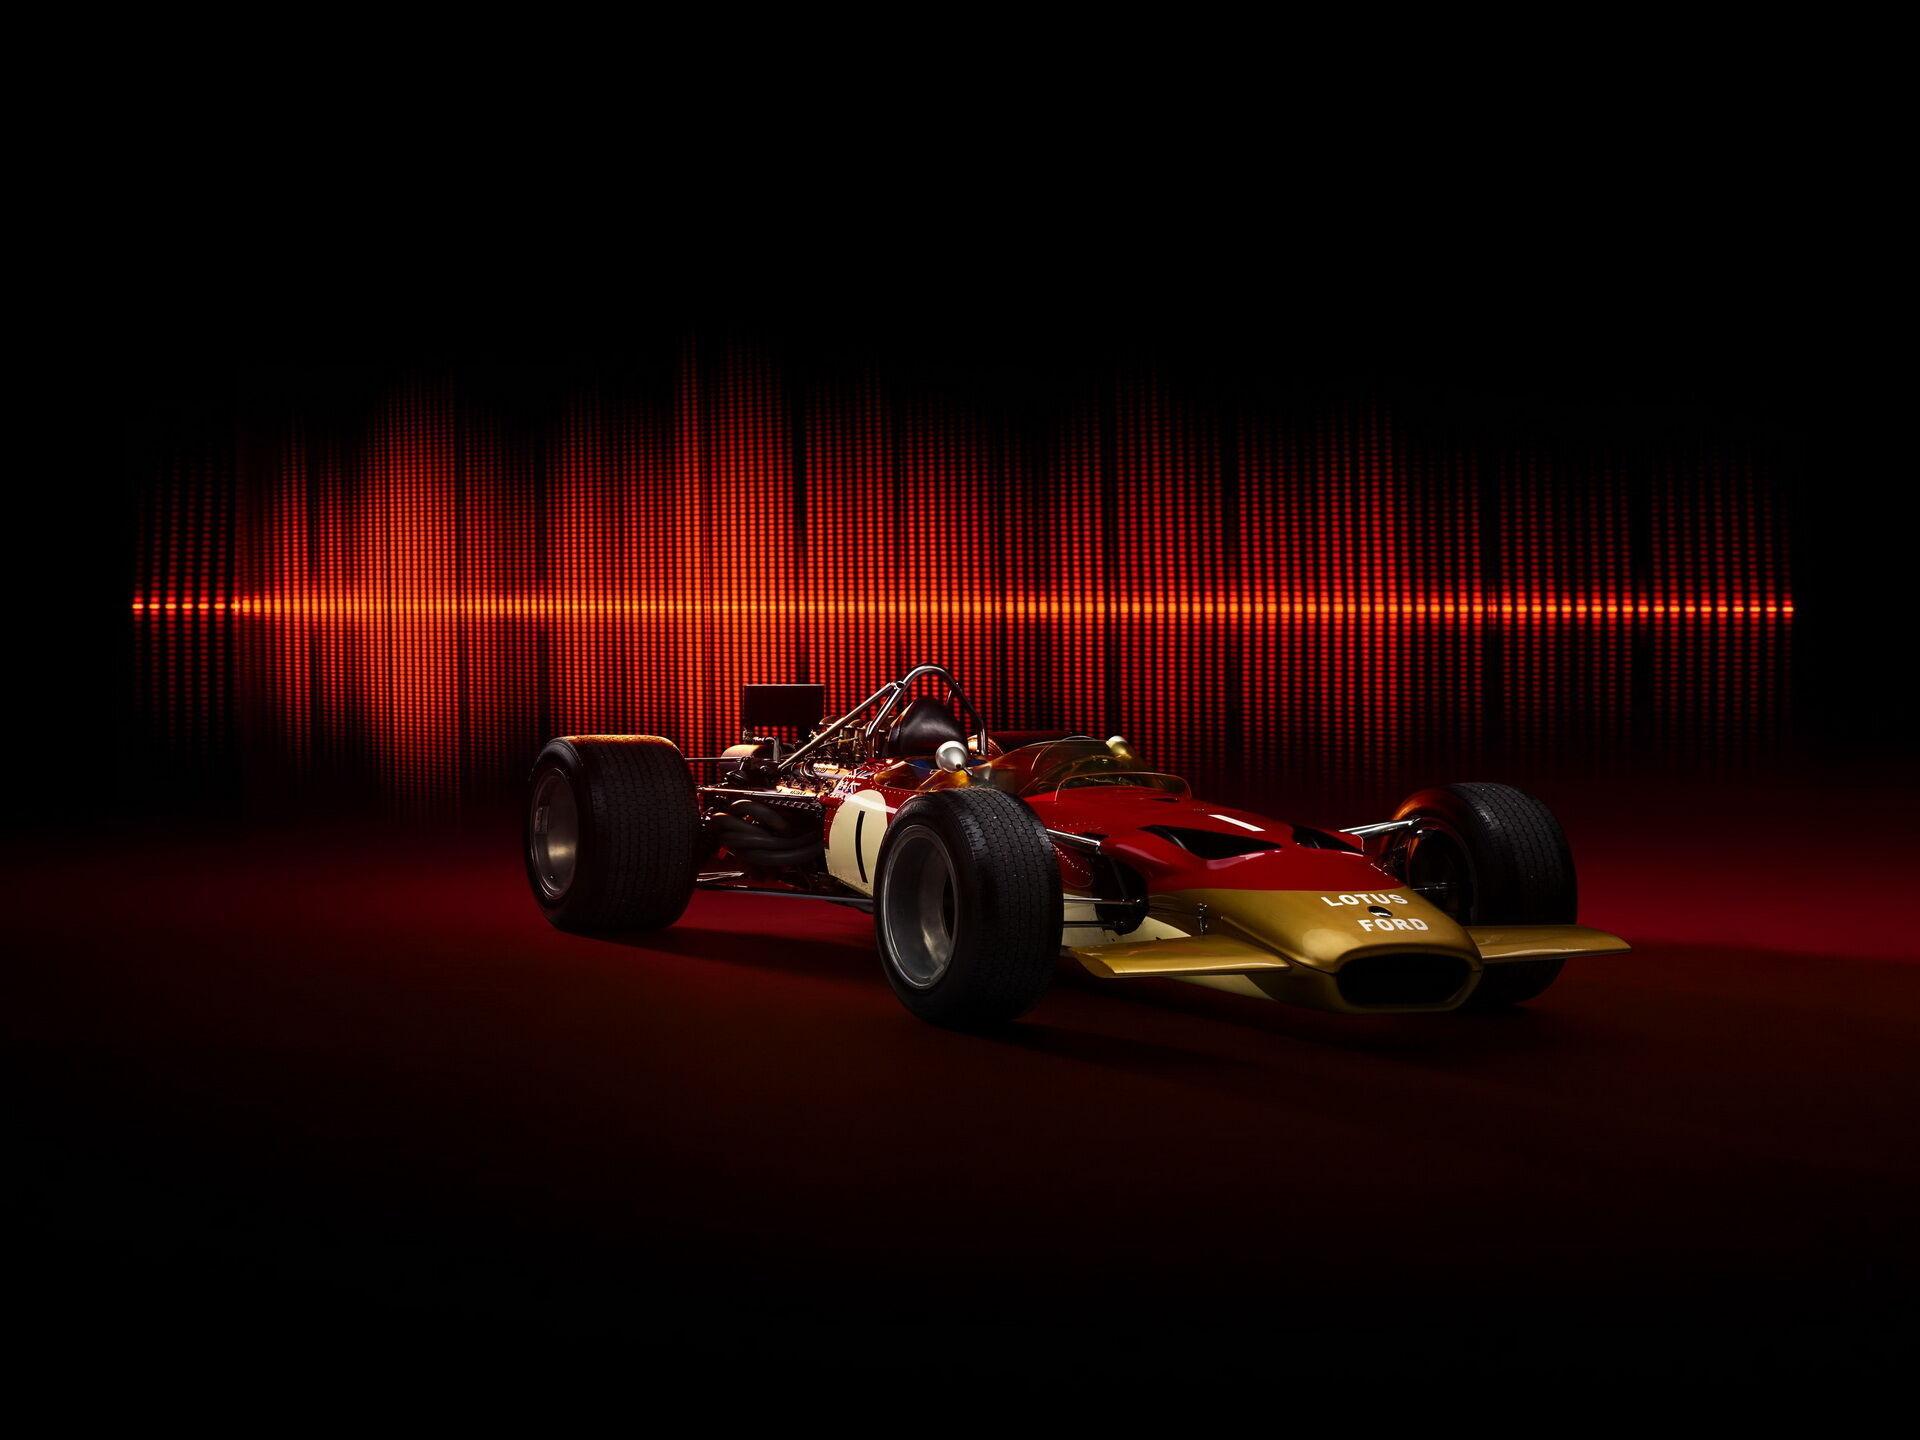 Легендарній гоночний болід Type 49 виходив на траси чемпіонату Формули-1 із 1967-го по 1970 роки